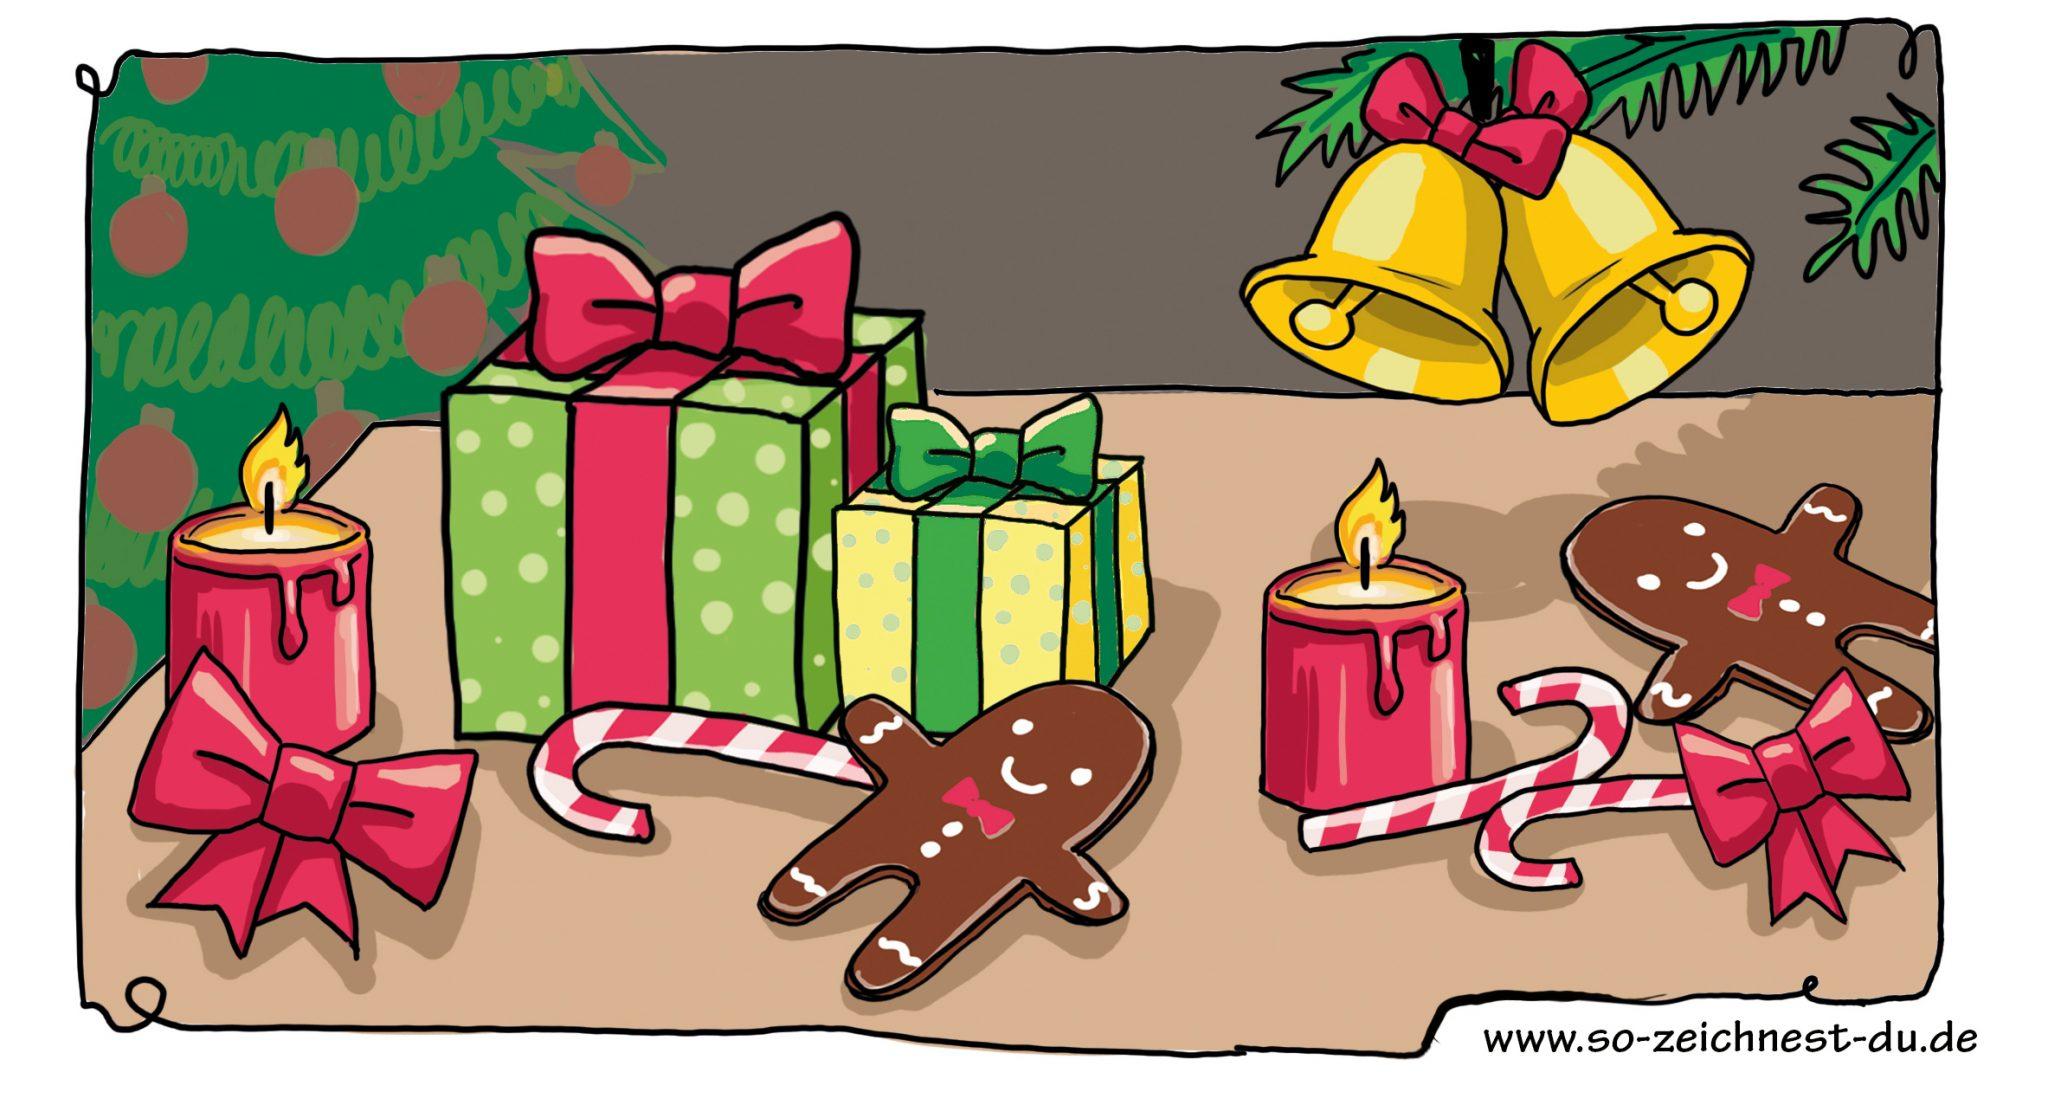 bilder zum nachmalen weihnachten bilder zeichnen